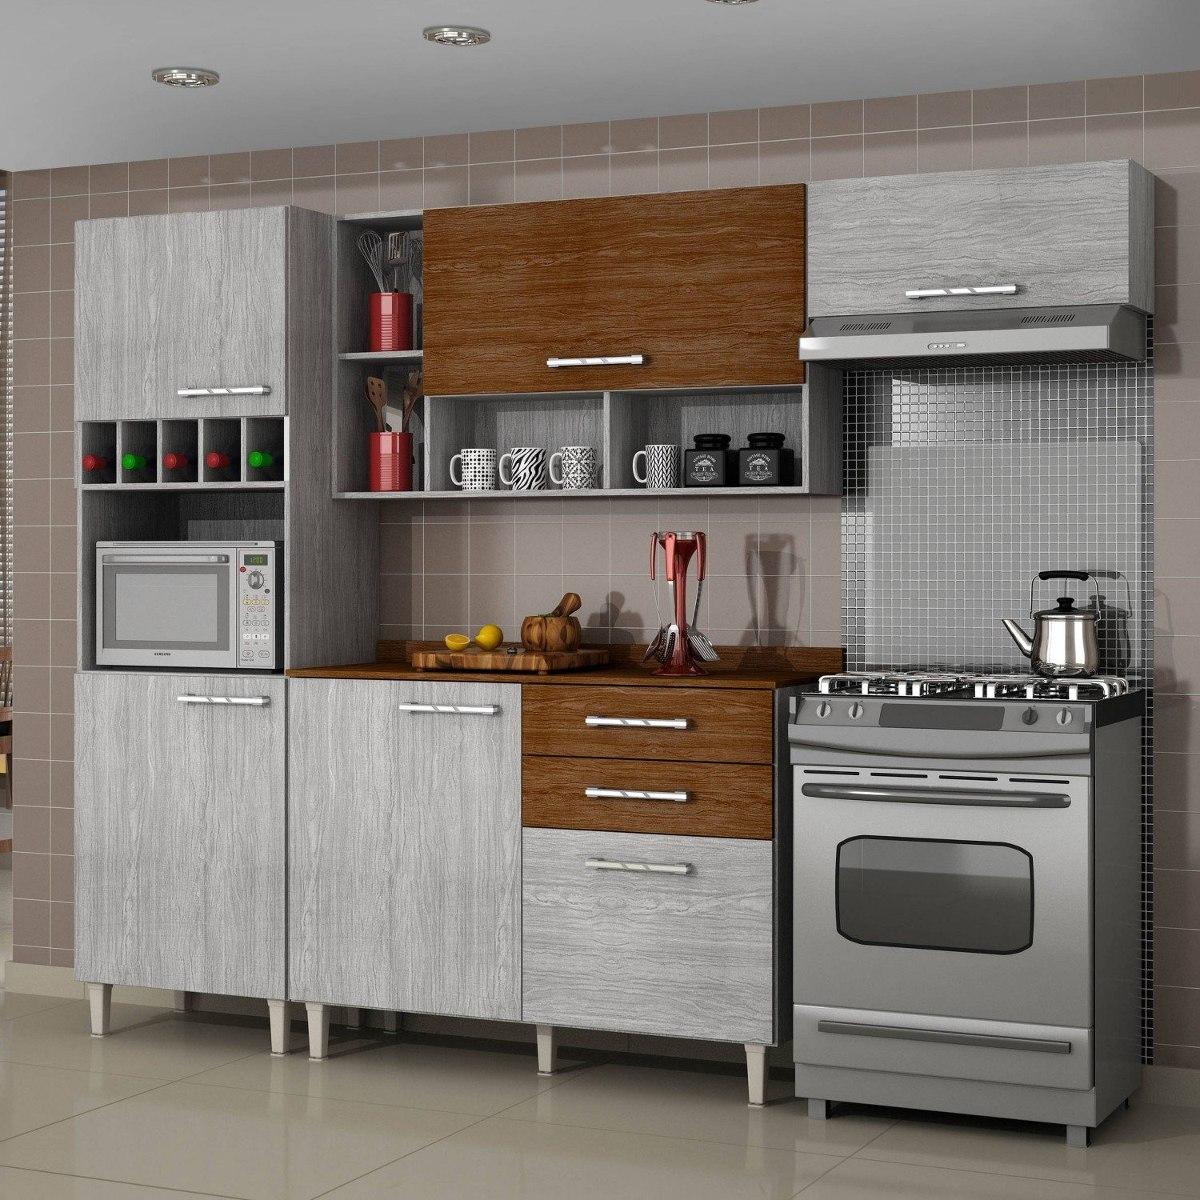 Cozinha Completa Balc O Com Tampo 4 Pe As Gatha Gb R 899 90 Em